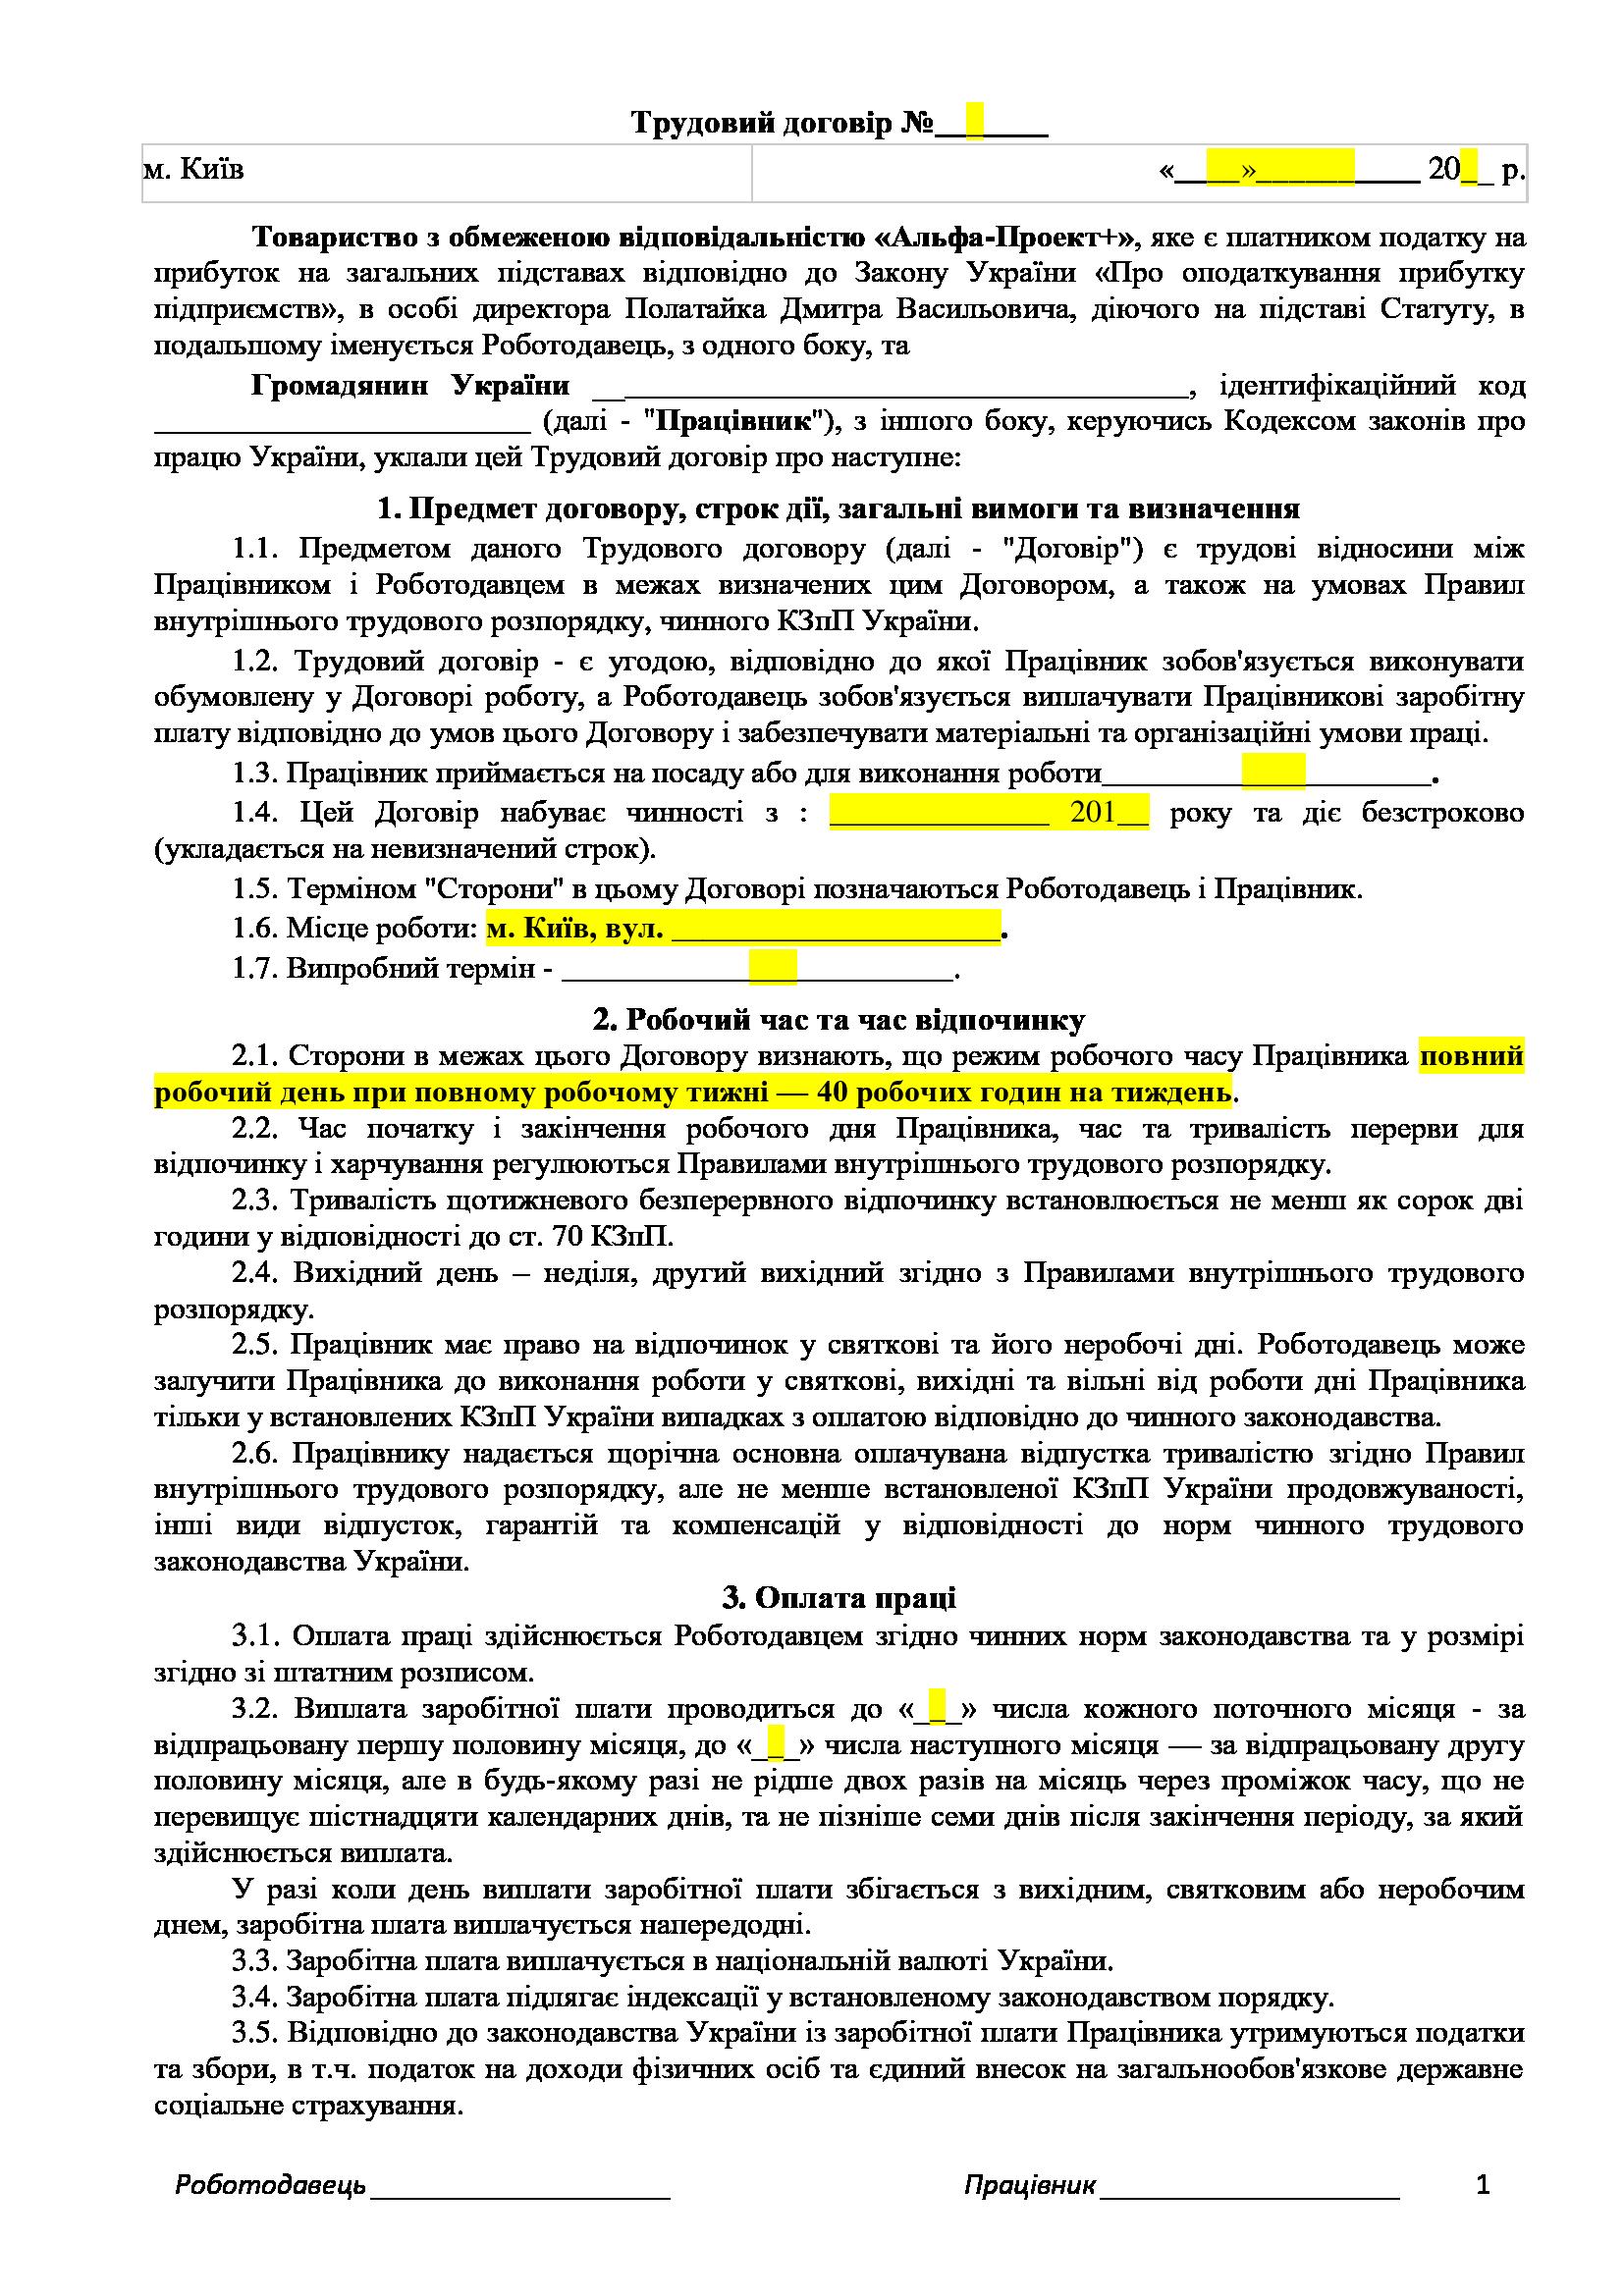 Фото Безстроковий трудовий договір - актуальний документ, що дозволяє визначити більш чітко взаємні права та обов*язки працівника і роботодавця. У разі укладання договору у формі єдиного документу, можливо не створювати посадової інструкції.